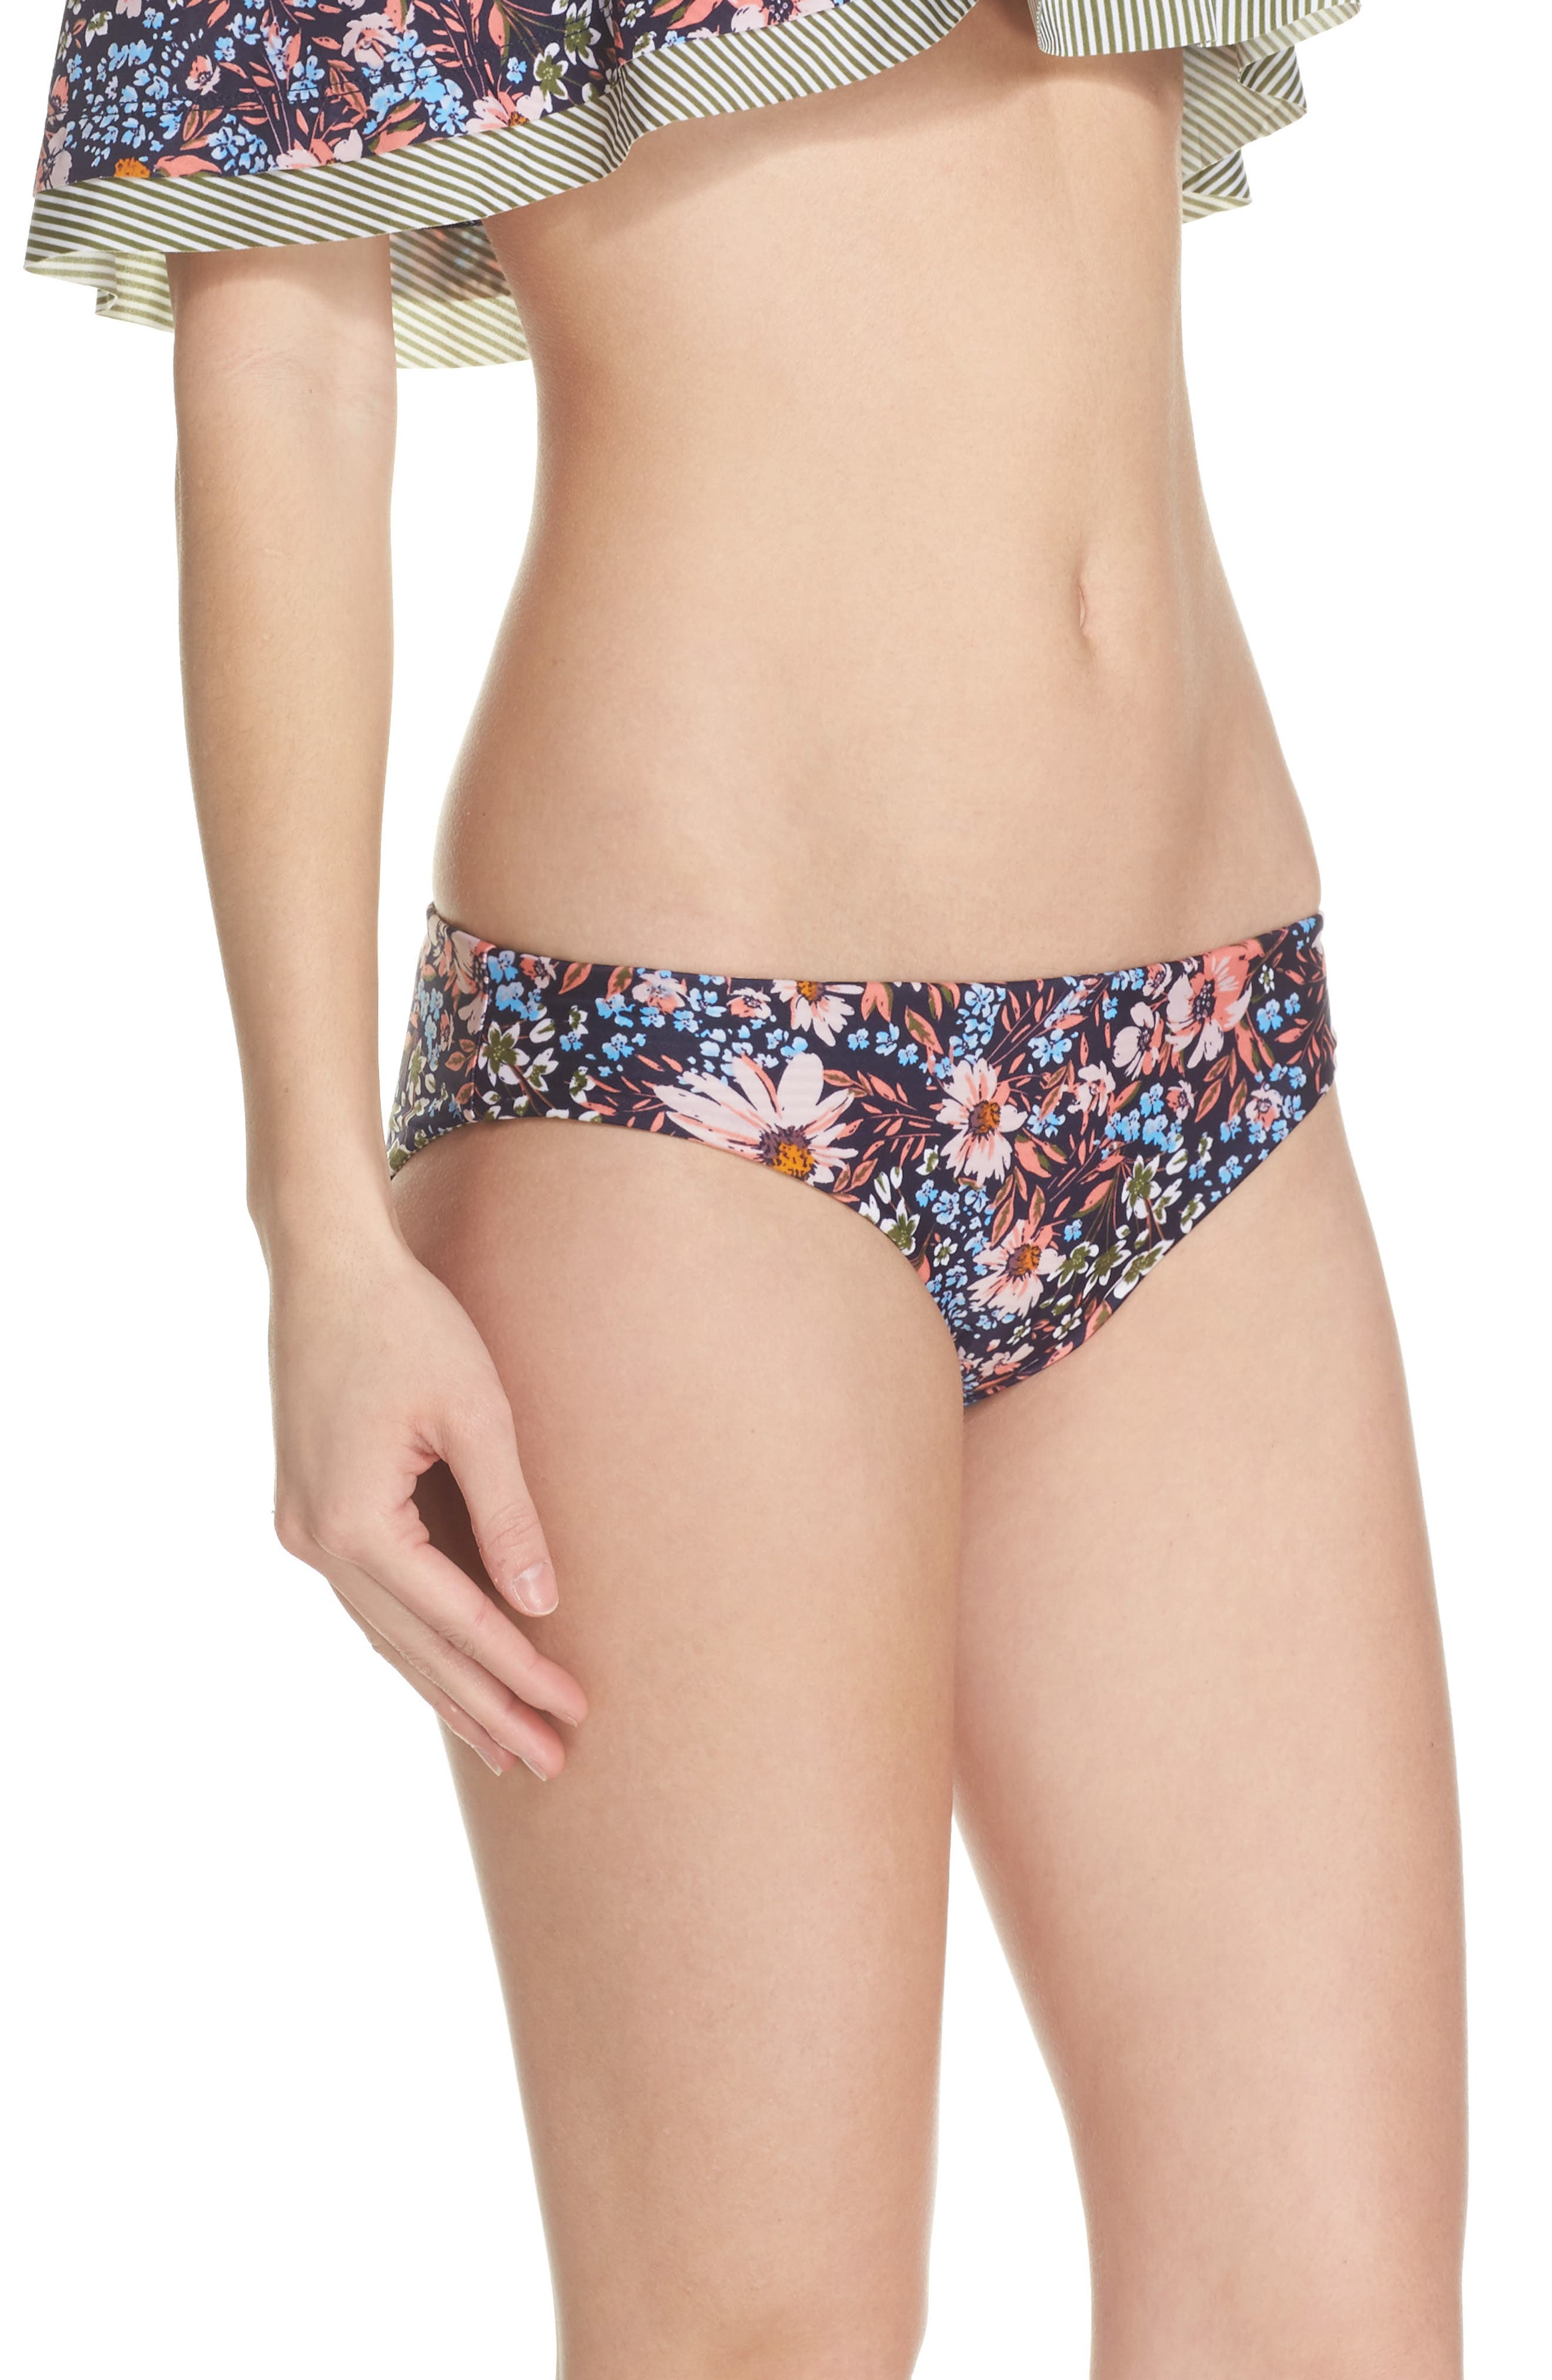 Enchanted Reversible Bikini Bottoms,                             Alternate thumbnail 4, color,                             Olive Multi